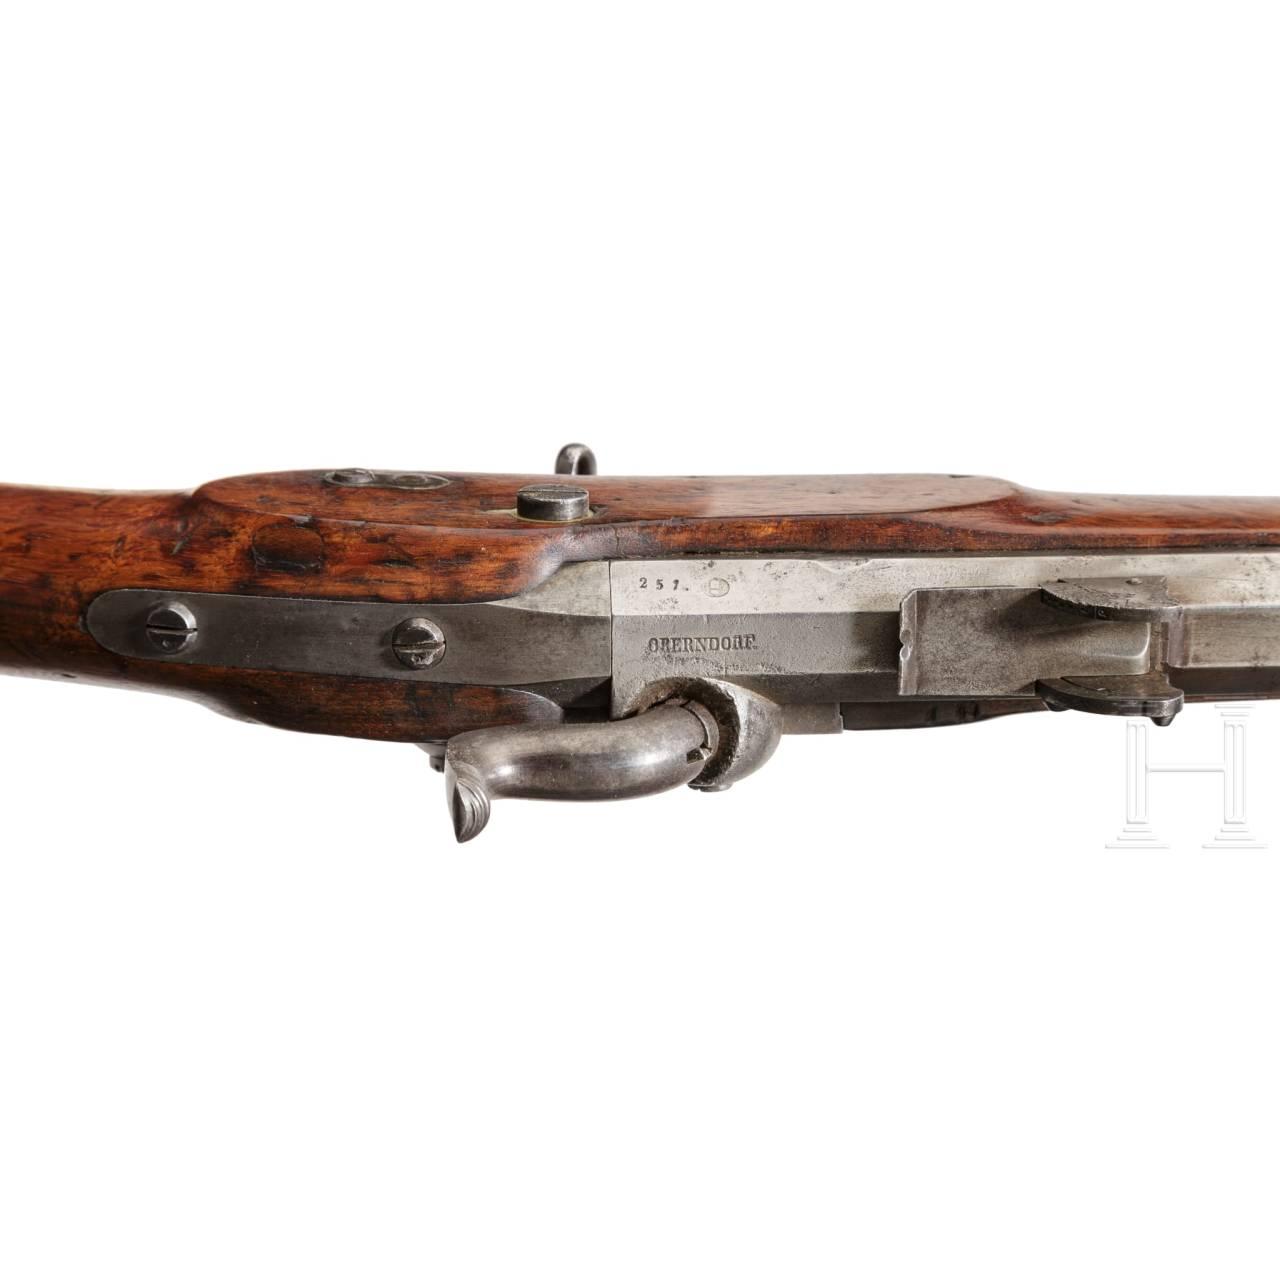 Scharfschützenbüchse M 1845/55